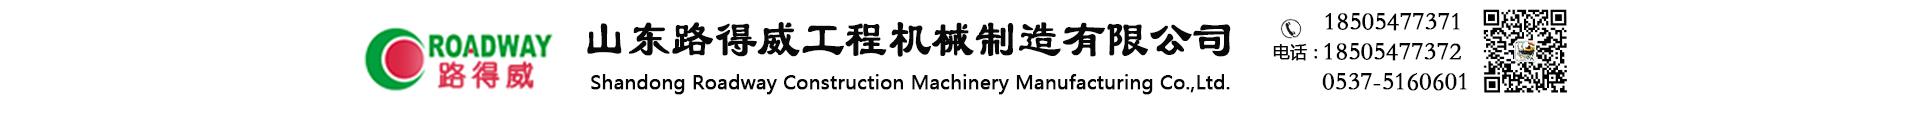 山東路得威工程機械製造有限公司